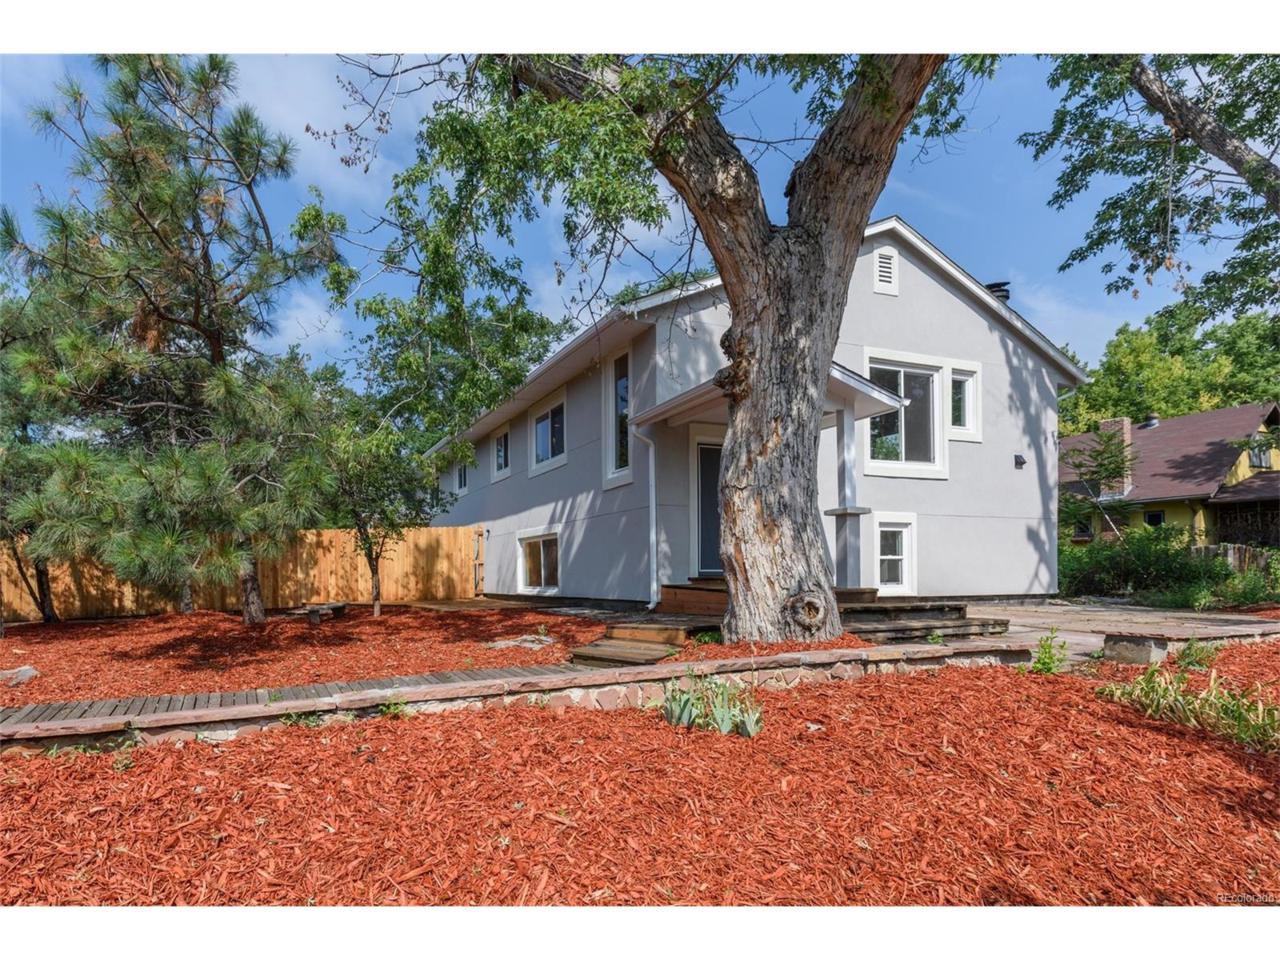 4221 Zuni Street, Denver, CO 80211 (MLS #7461722) :: 8z Real Estate